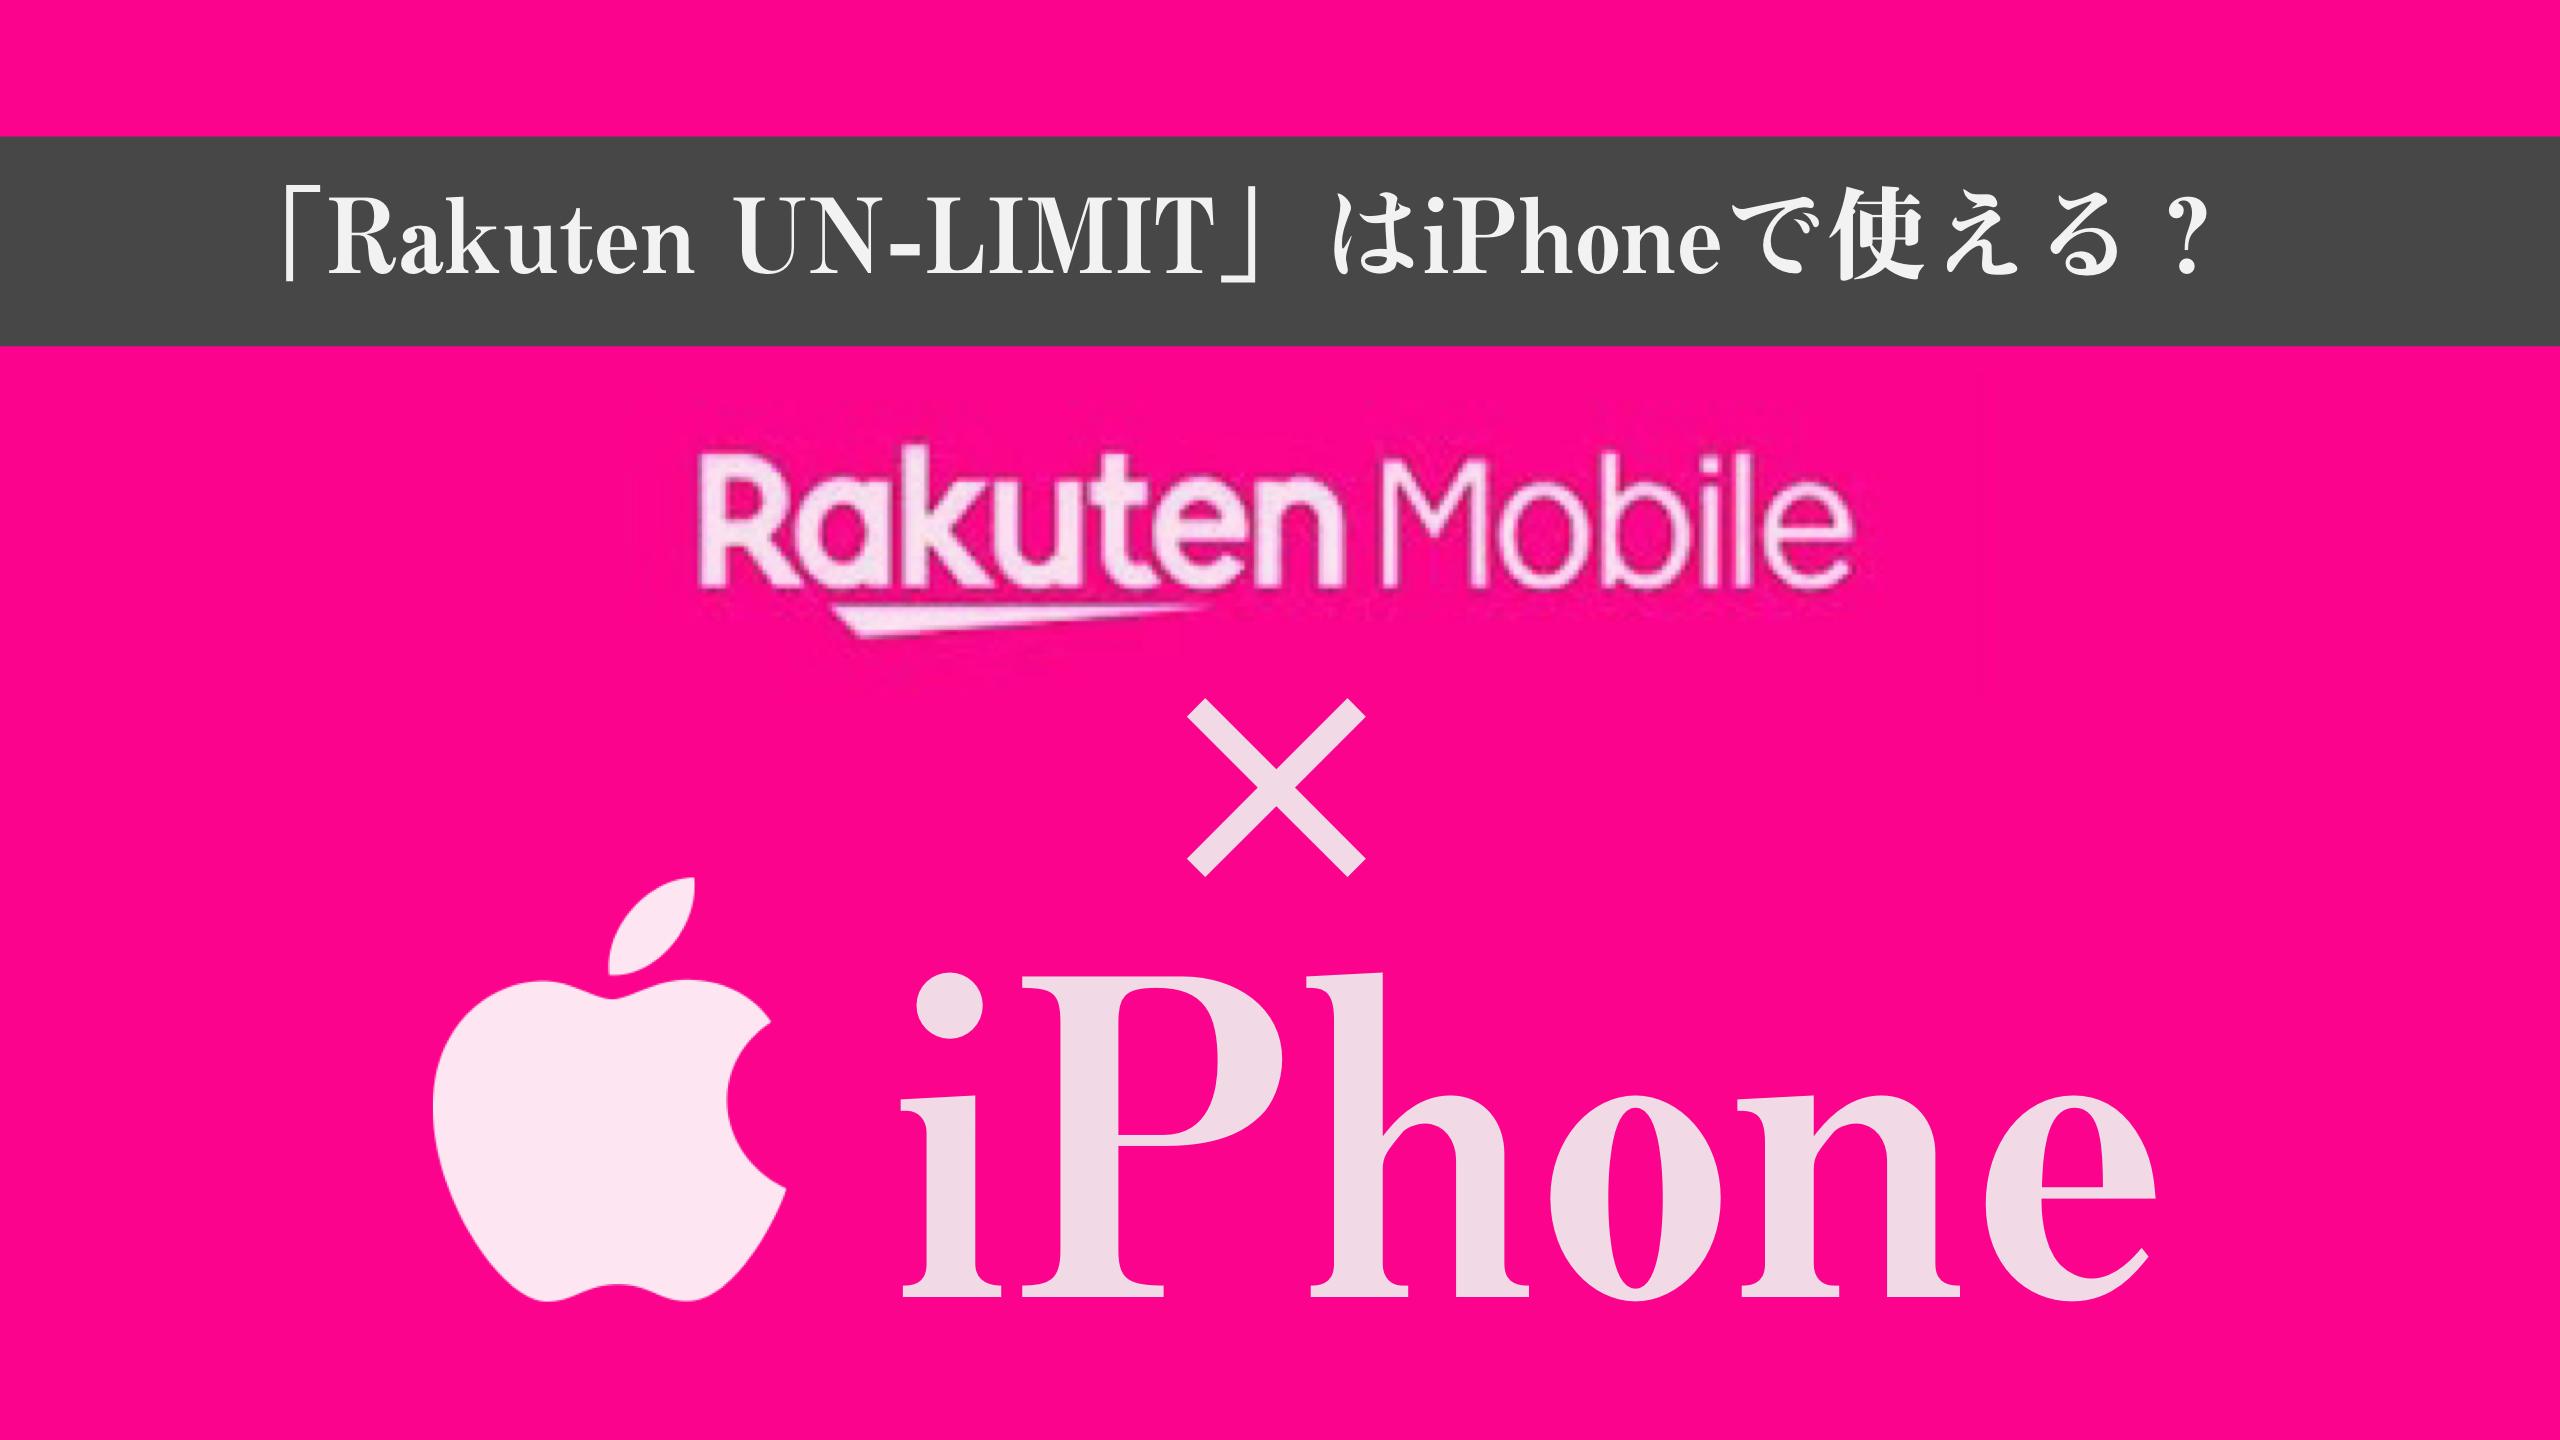 【楽天モバイル】Rakuten UN-LIMITはiPhoneでも使えるの?eSIMは?対応機種や口コミを徹底解説!